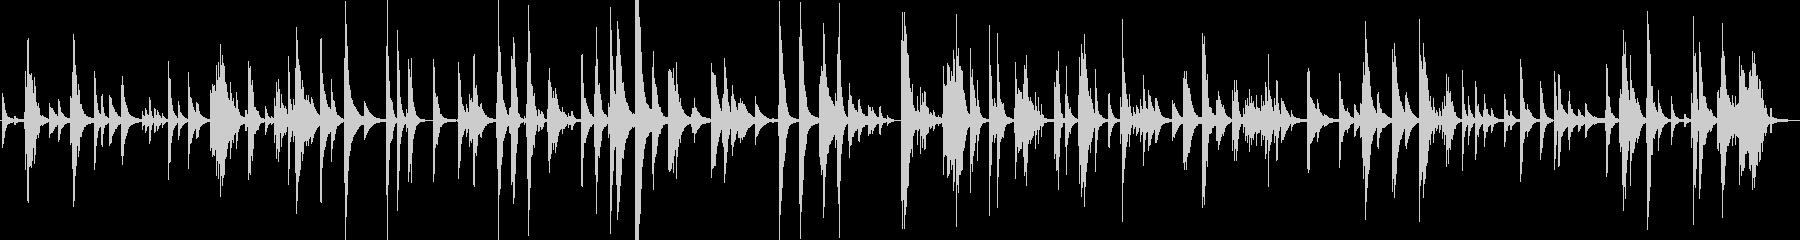 迷い道をイメージしたピアノソロの未再生の波形